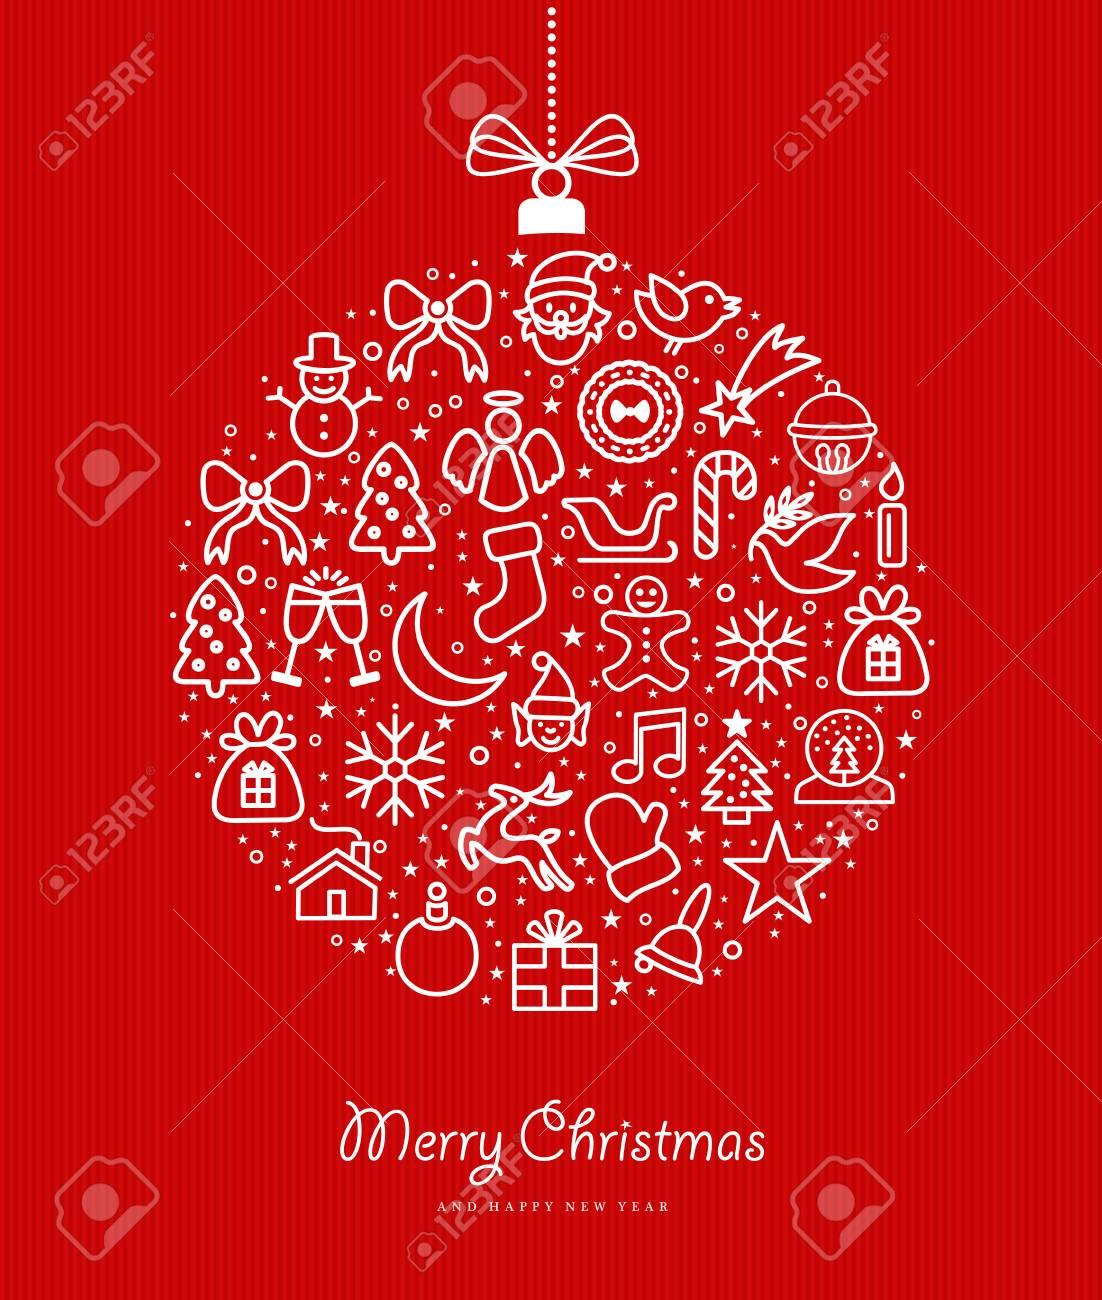 Joyeux Noël Et Bonne Année Carte De Voeux Design Avec Illustration